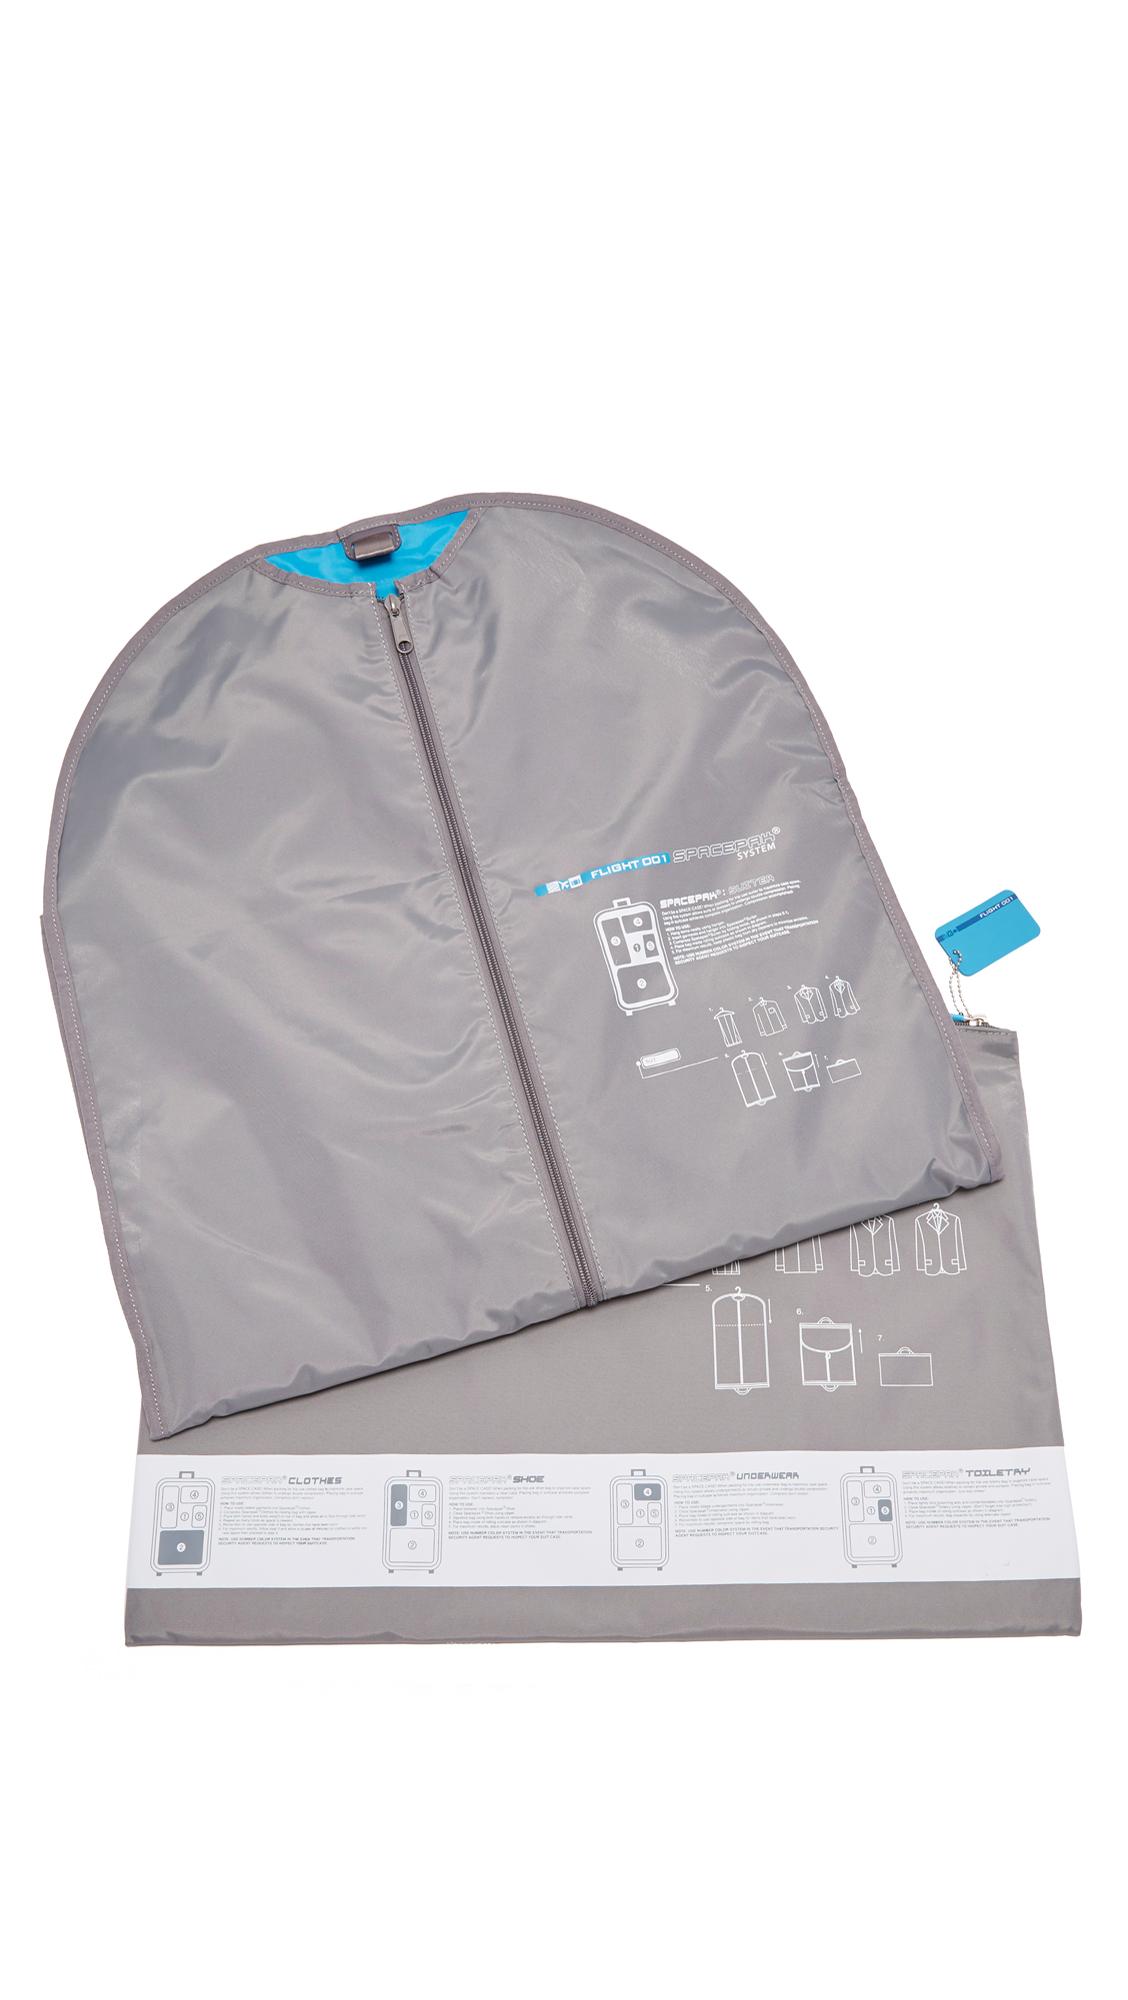 FLIGHT 001 F1 Spacepak Suiter Bag in Grey